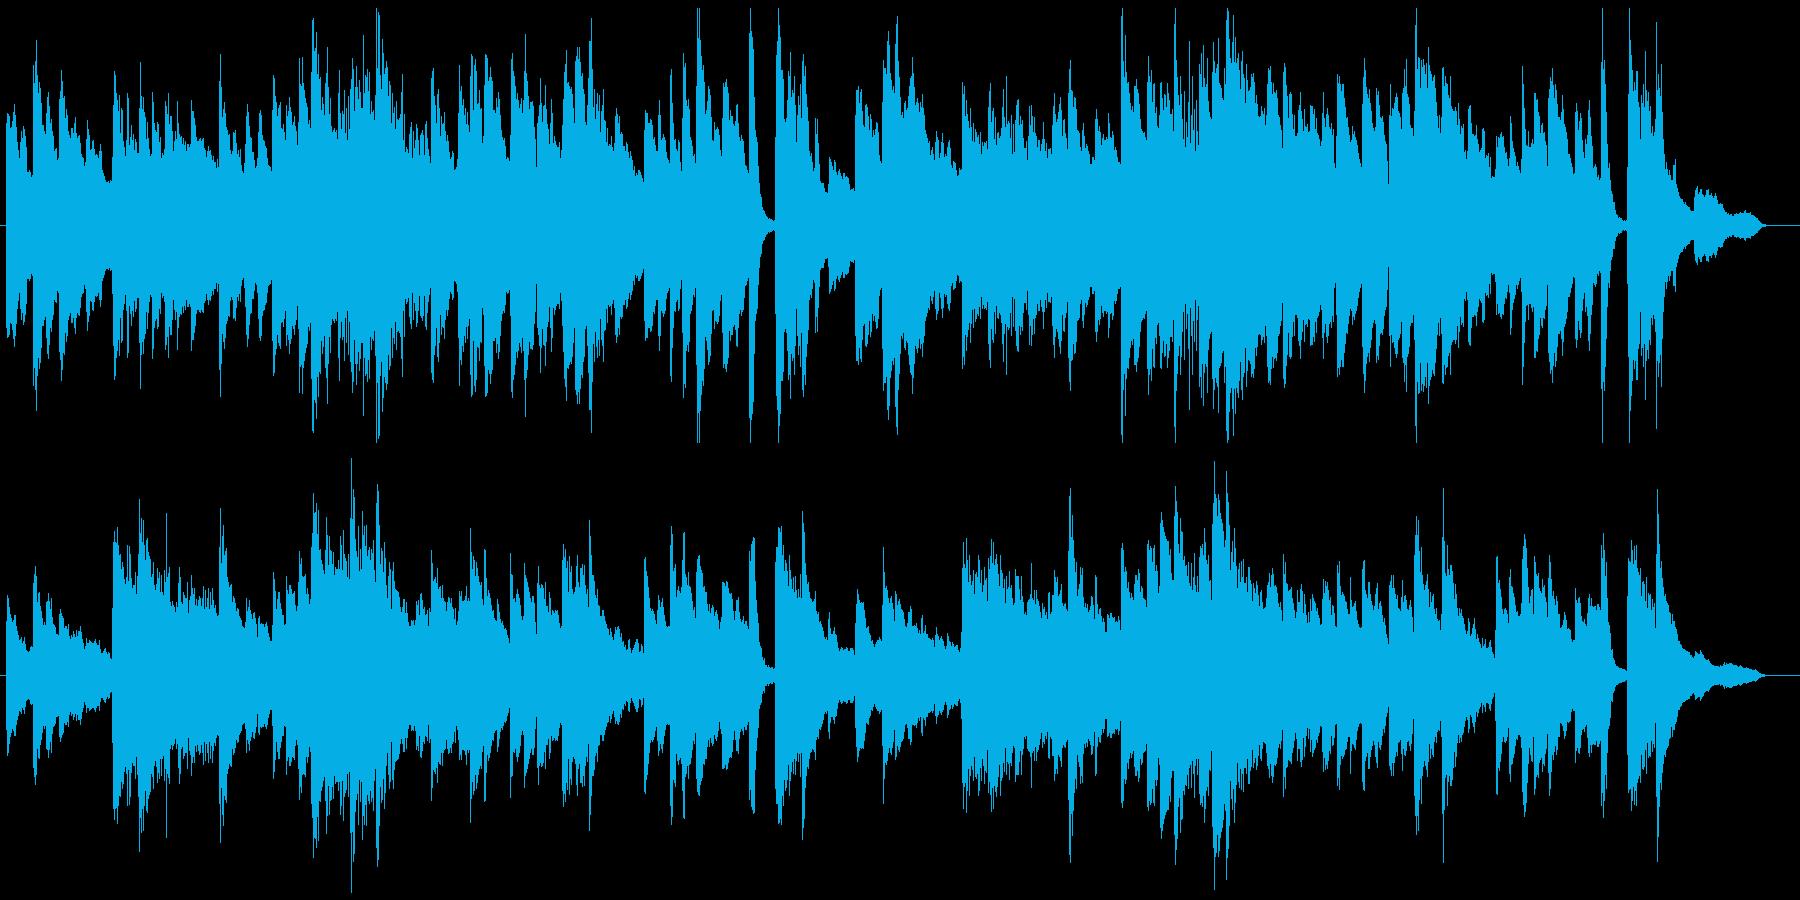 童謡「春よ来い」シンプルなピアノソロの再生済みの波形